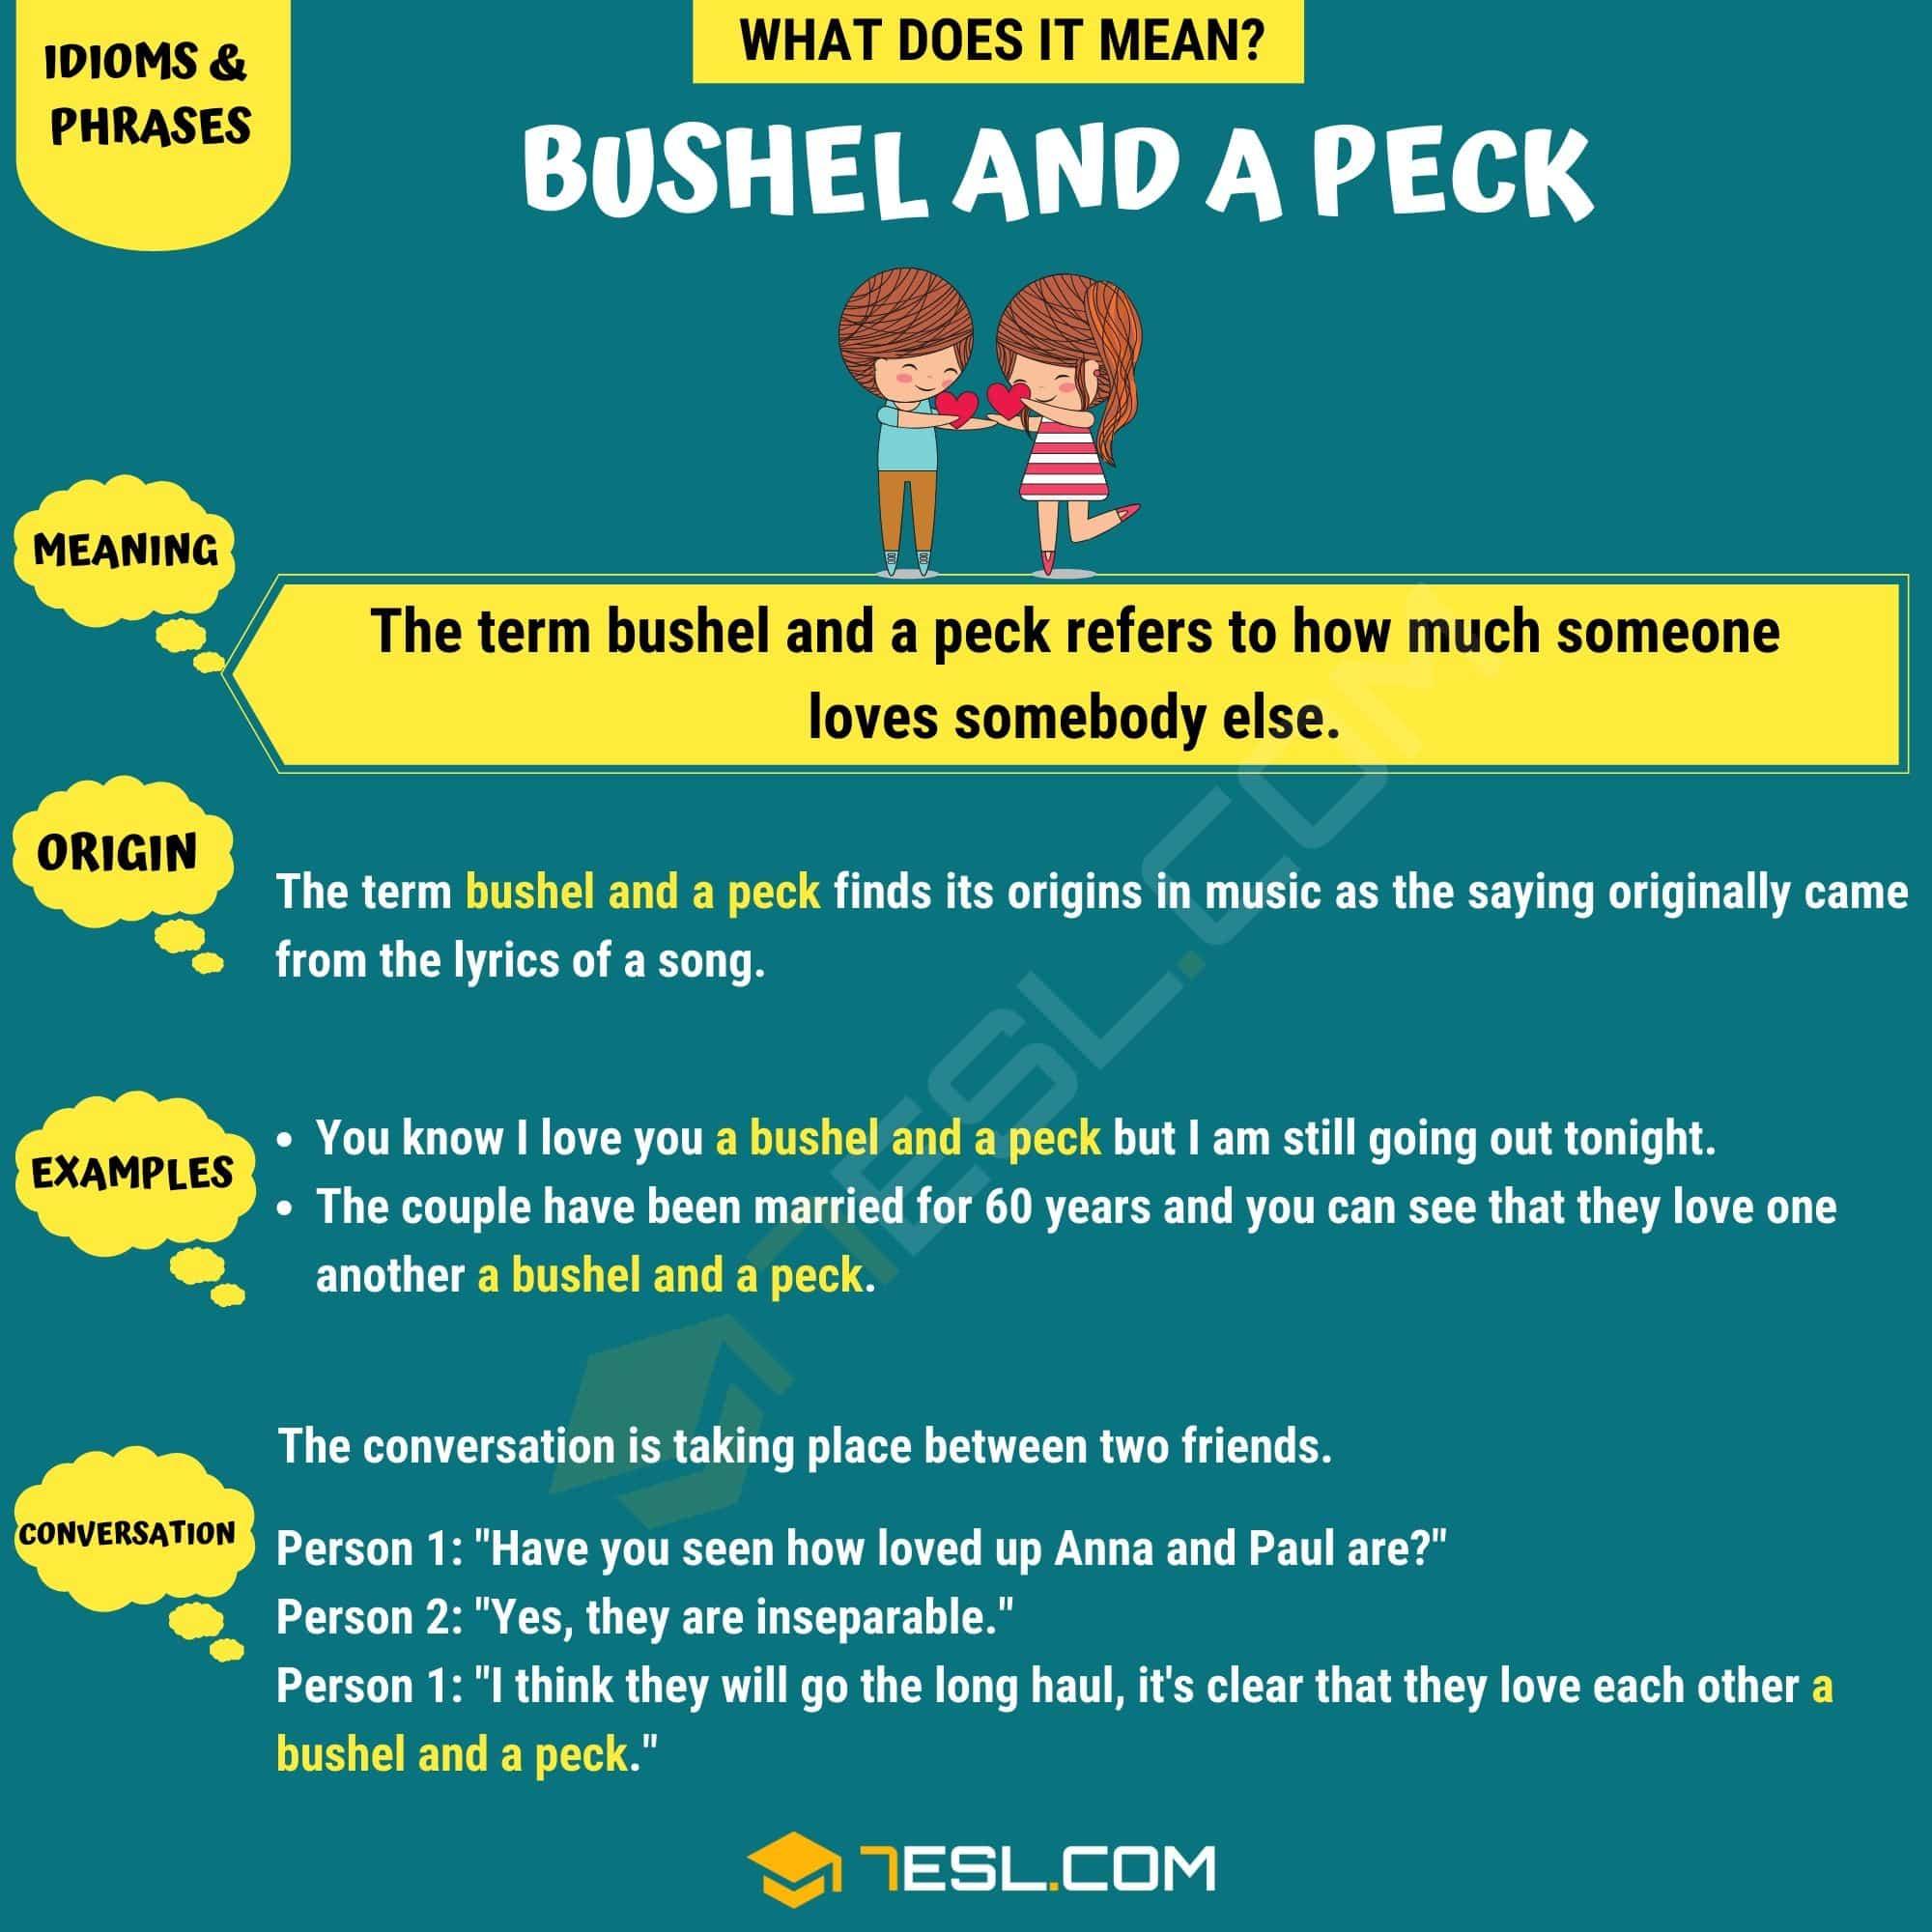 Bushel And A Peck